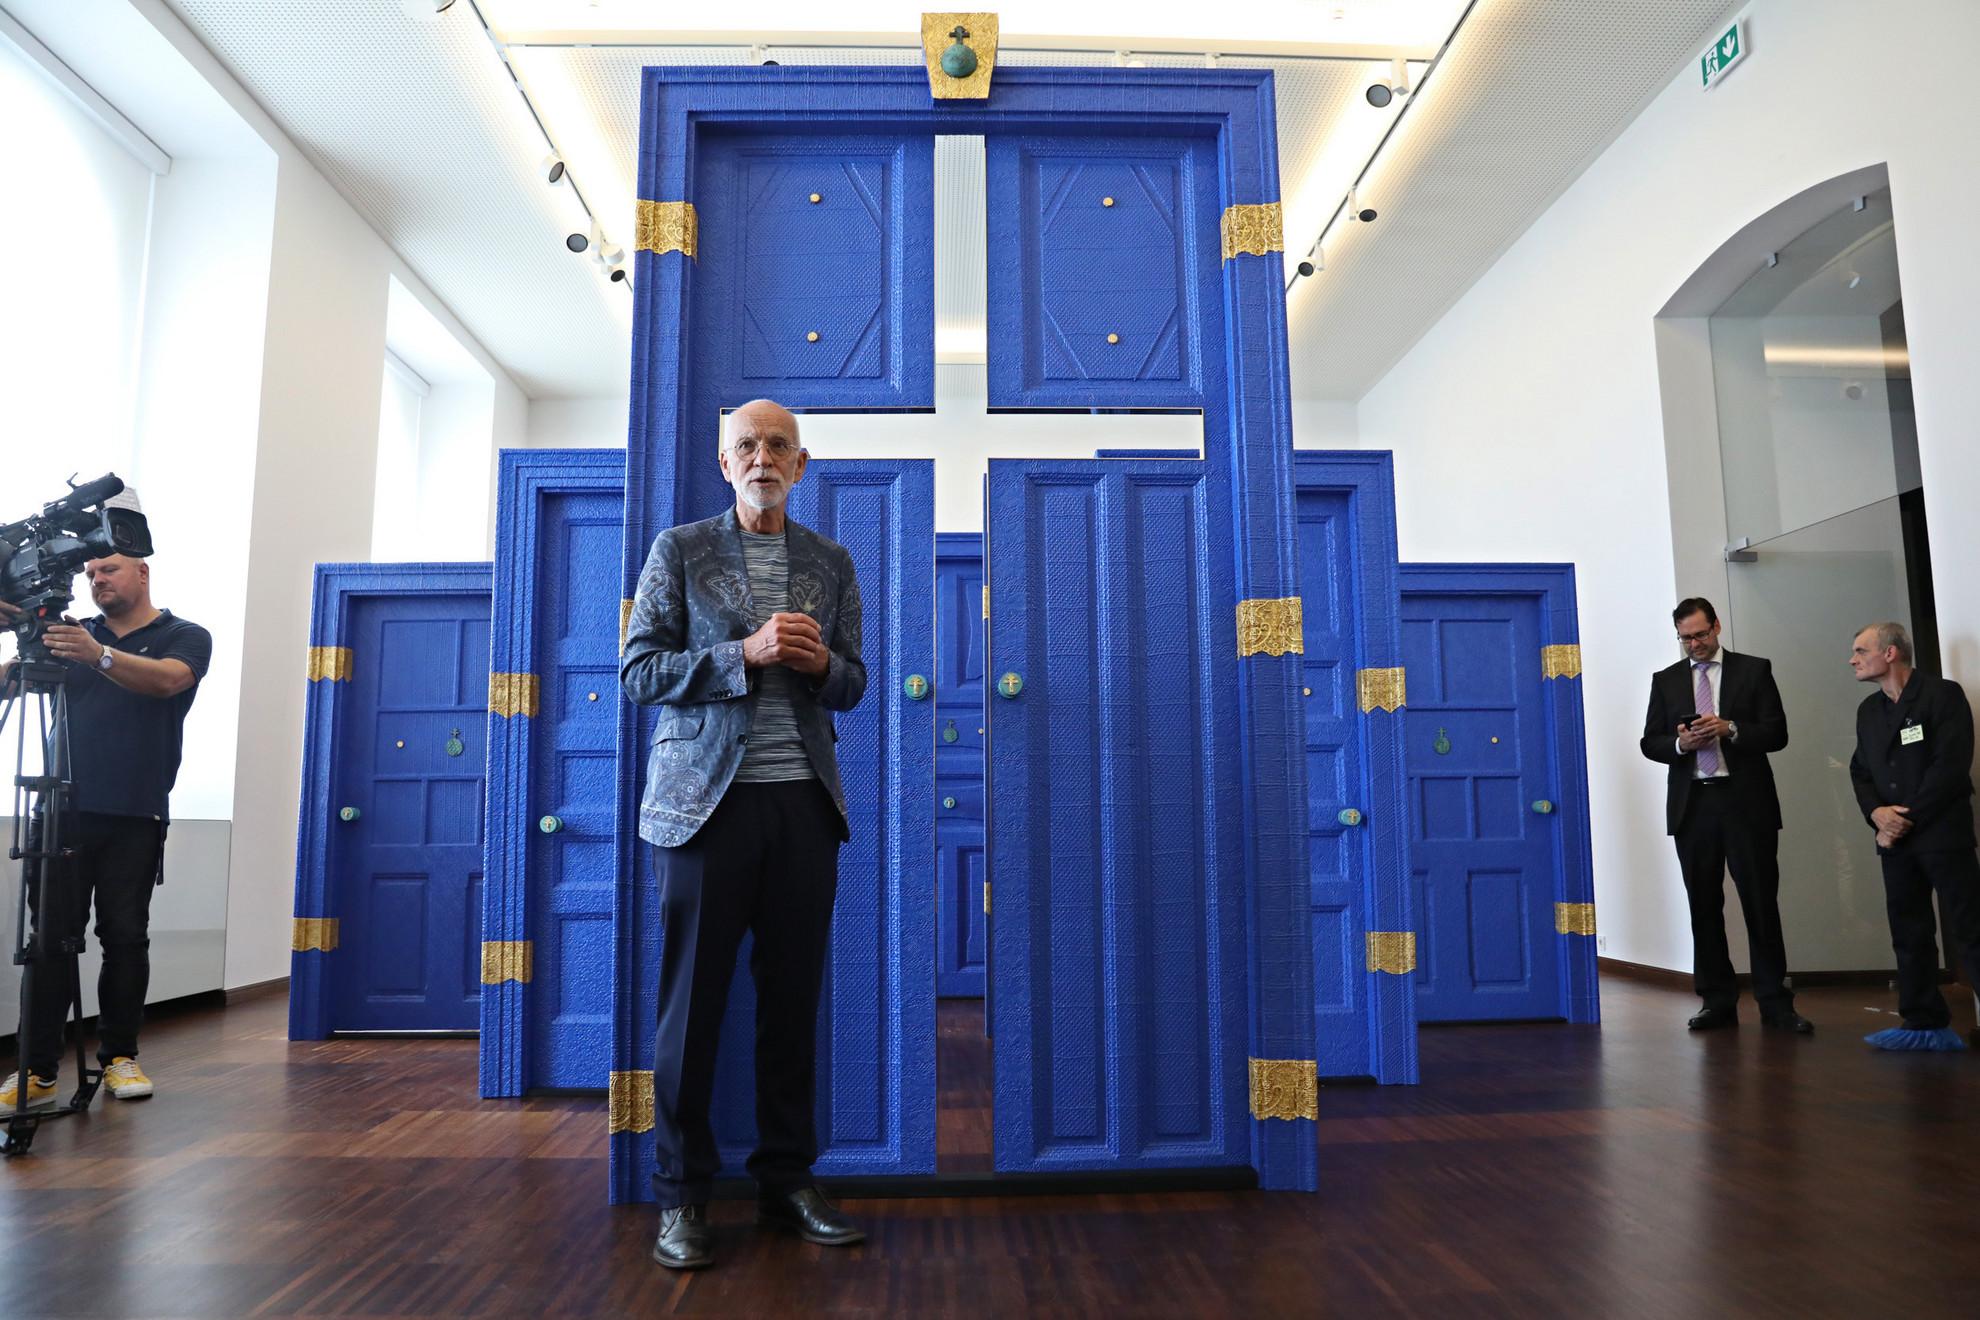 Az újjászületett Szent István-teremhez kapcsolódó installáció, Havadtőy Sámuel világhírű képzőművész alkotása a sajtónyilvános bejárás napján a Budavári Palotában